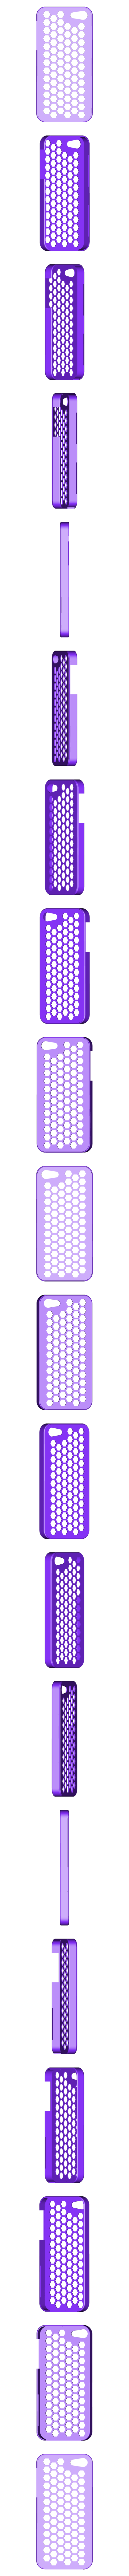 iPhone_5_Honey_Comb_plug_case_repaired.stl Télécharger fichier STL gratuit Honey Comb Étui pour iPhone 5 Plug Case • Design pour impression 3D, AliSouskian